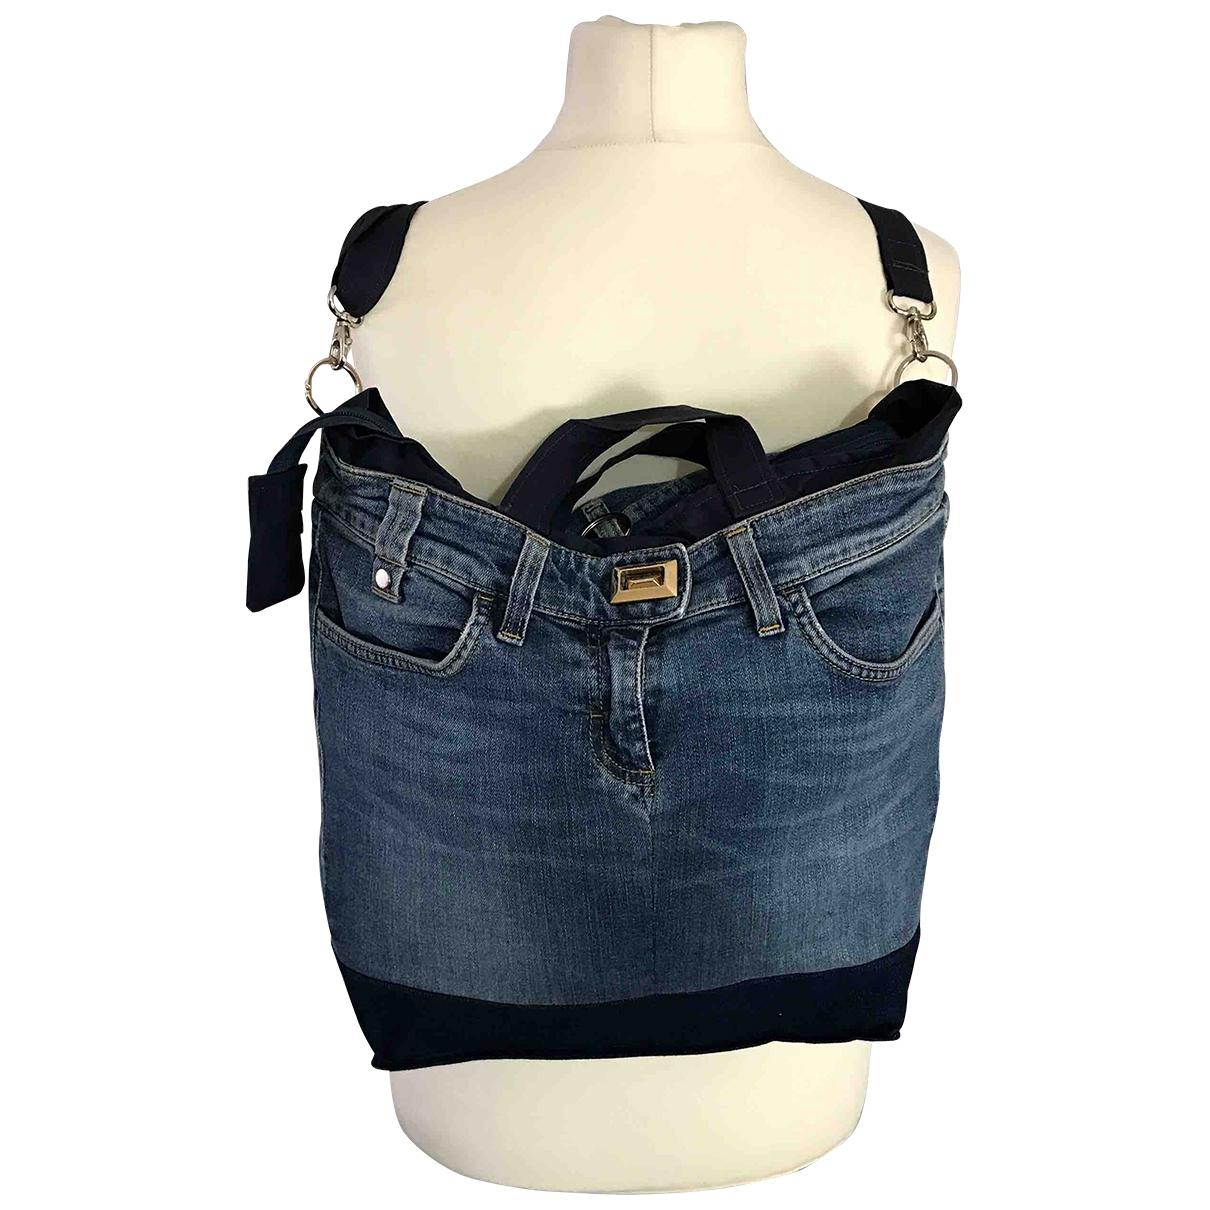 Elisabetta Franchi \N Denim - Jeans backpack for Women \N